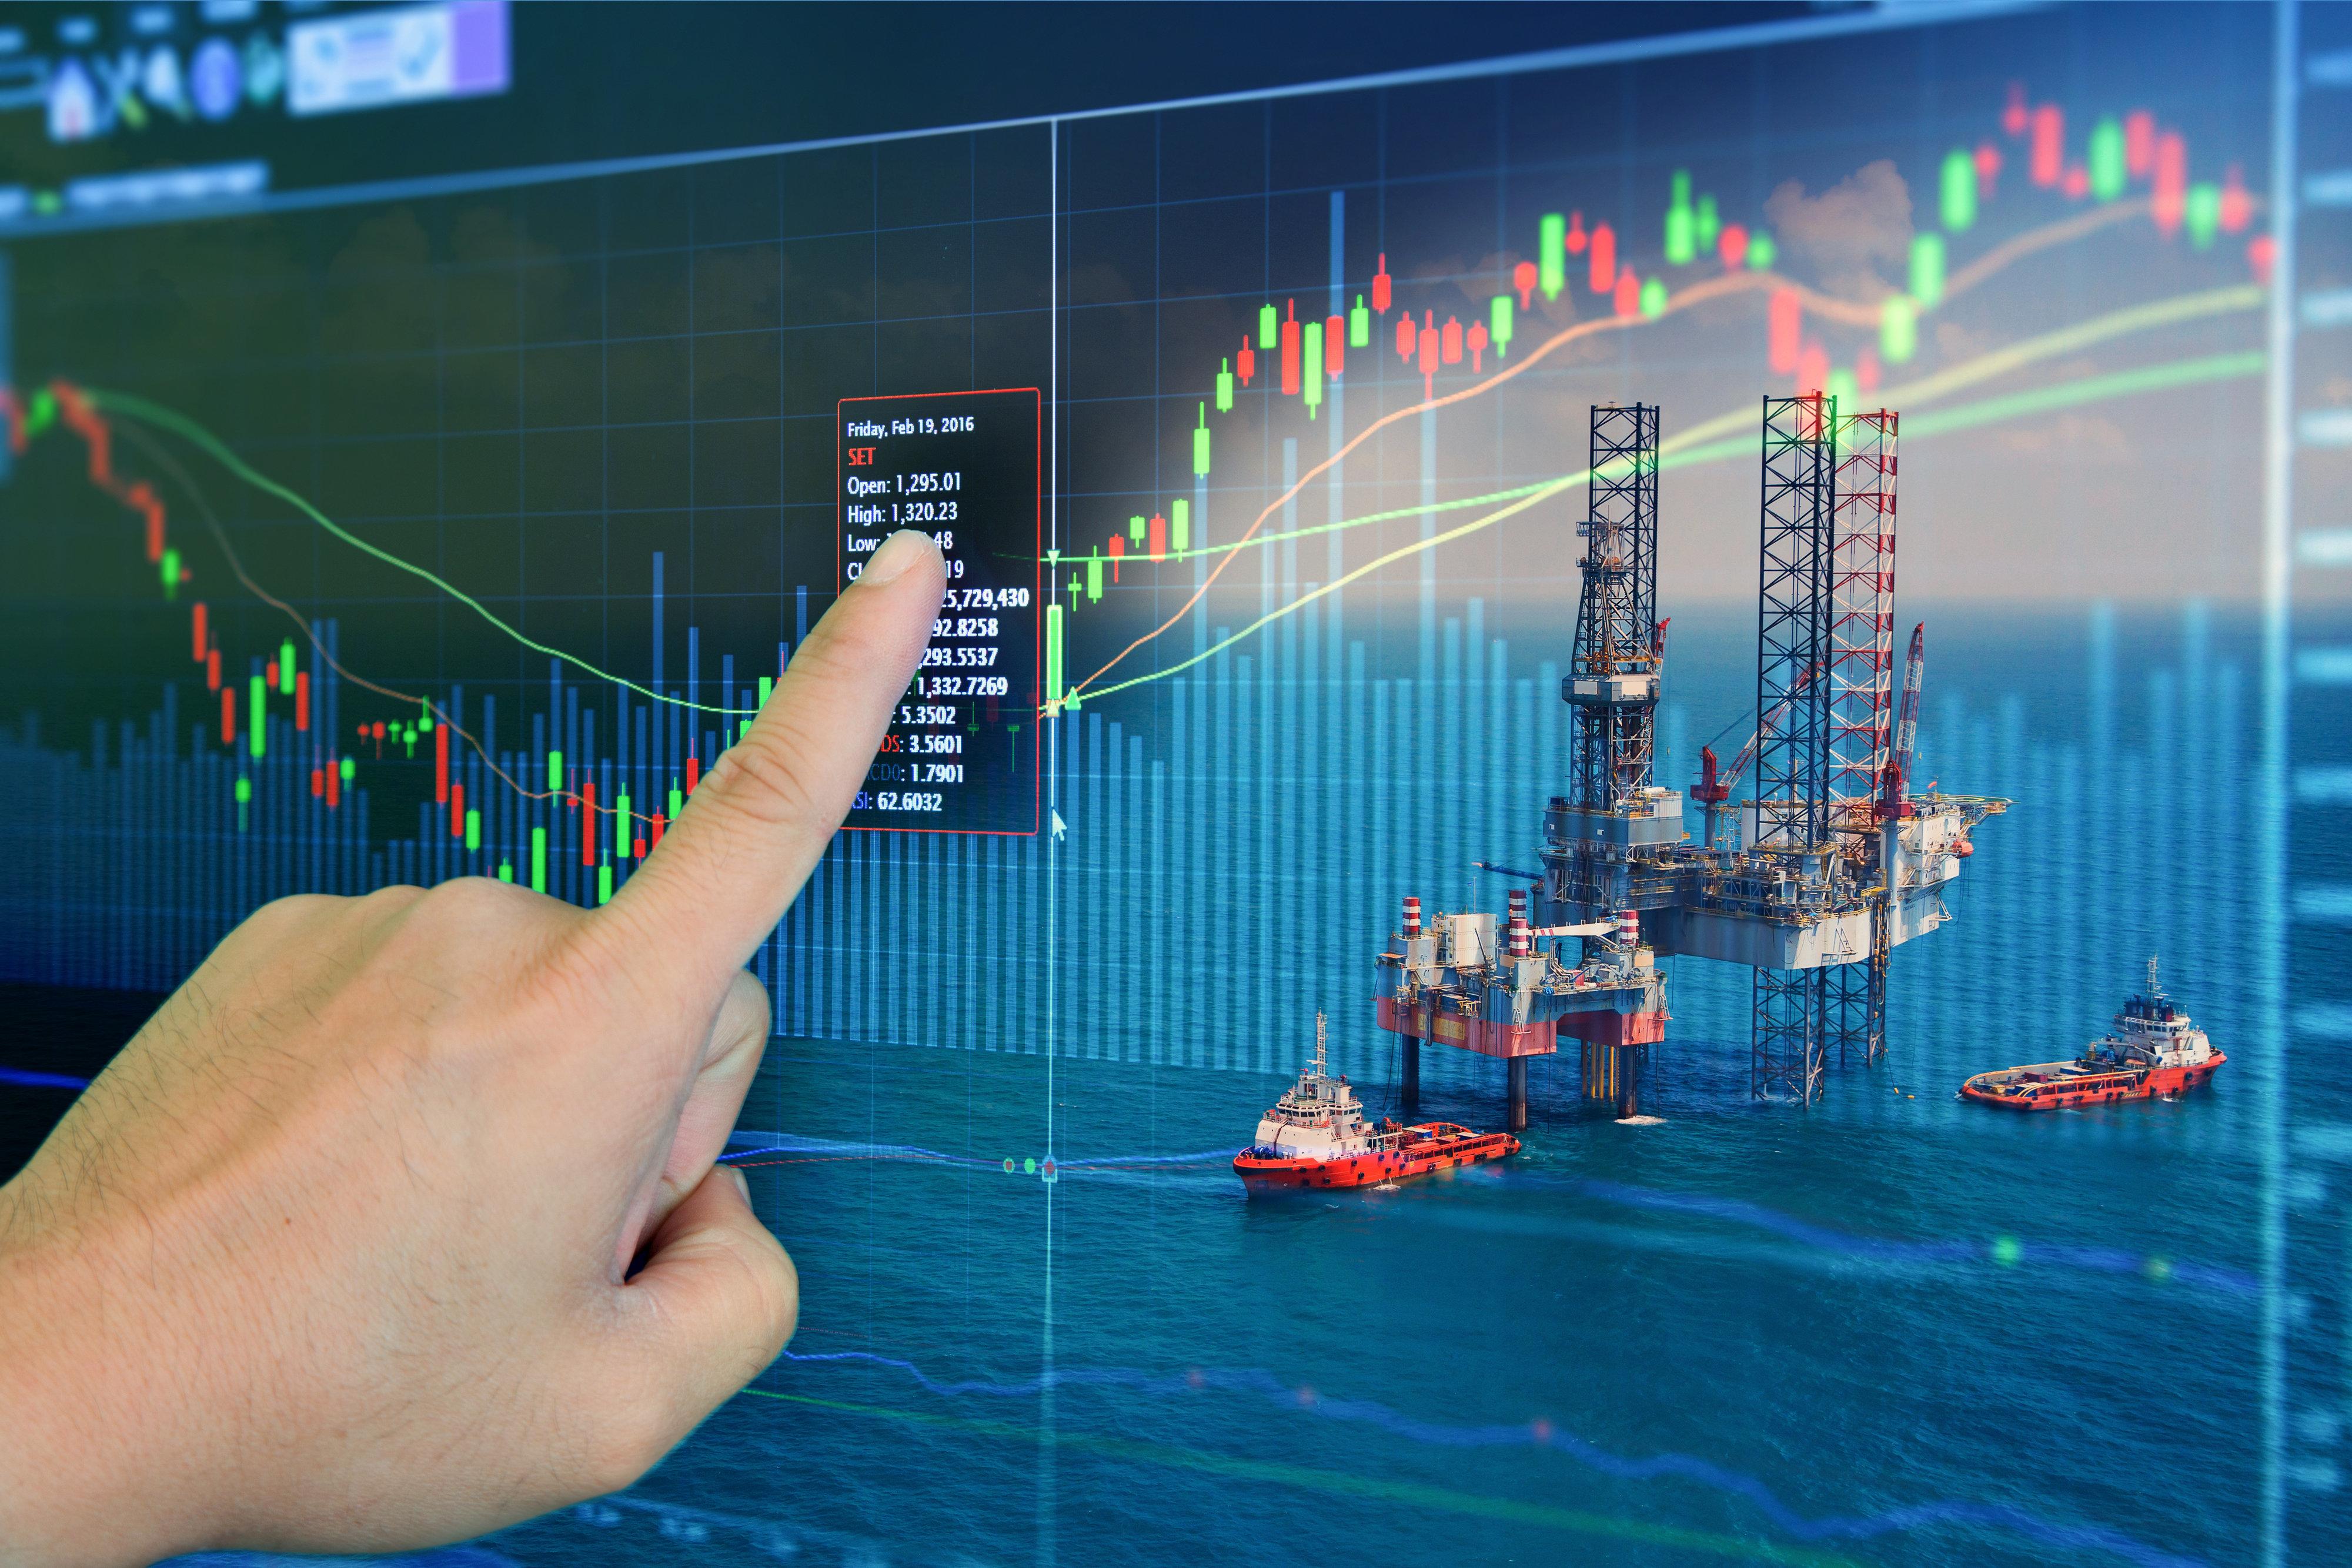 Portés par la crise vénézuélienne, les cours de pétrole